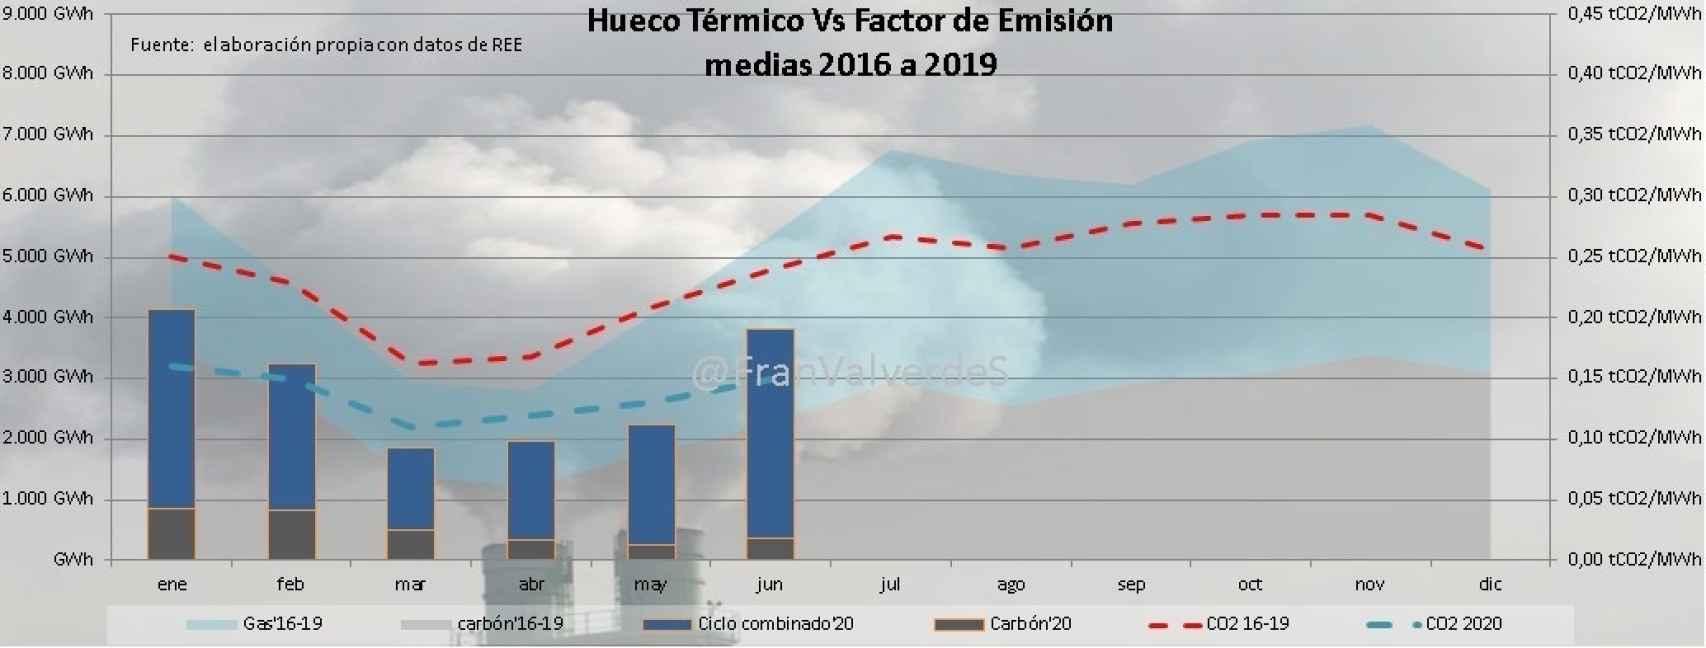 hueco térmico en el mix eléctrico 2016-2019